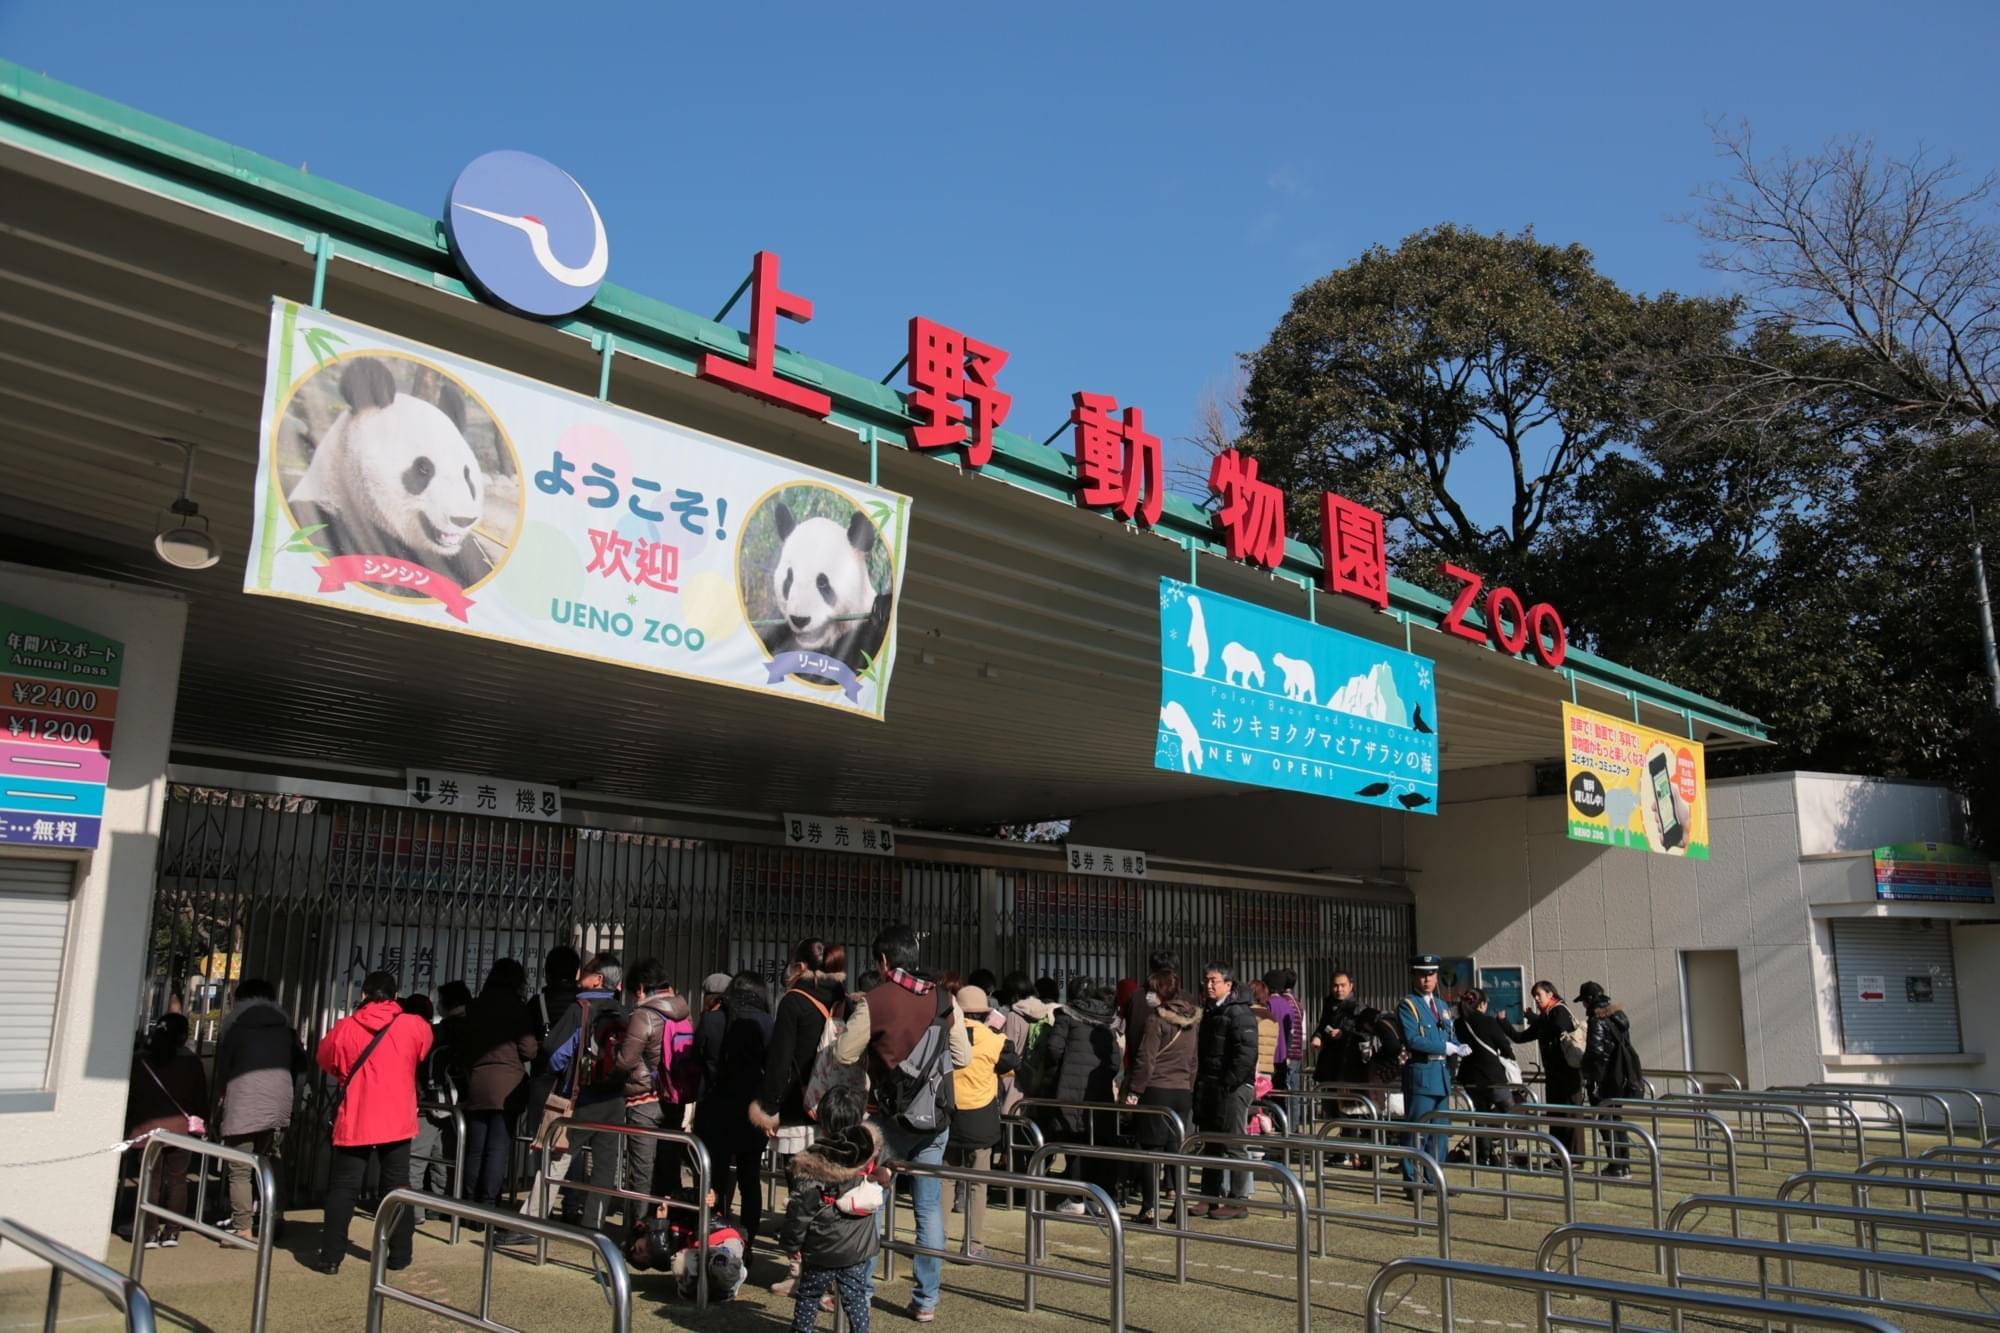 パンダで有名な動物園「上野動物園」東京駅からのアクセス徹底ガイド!